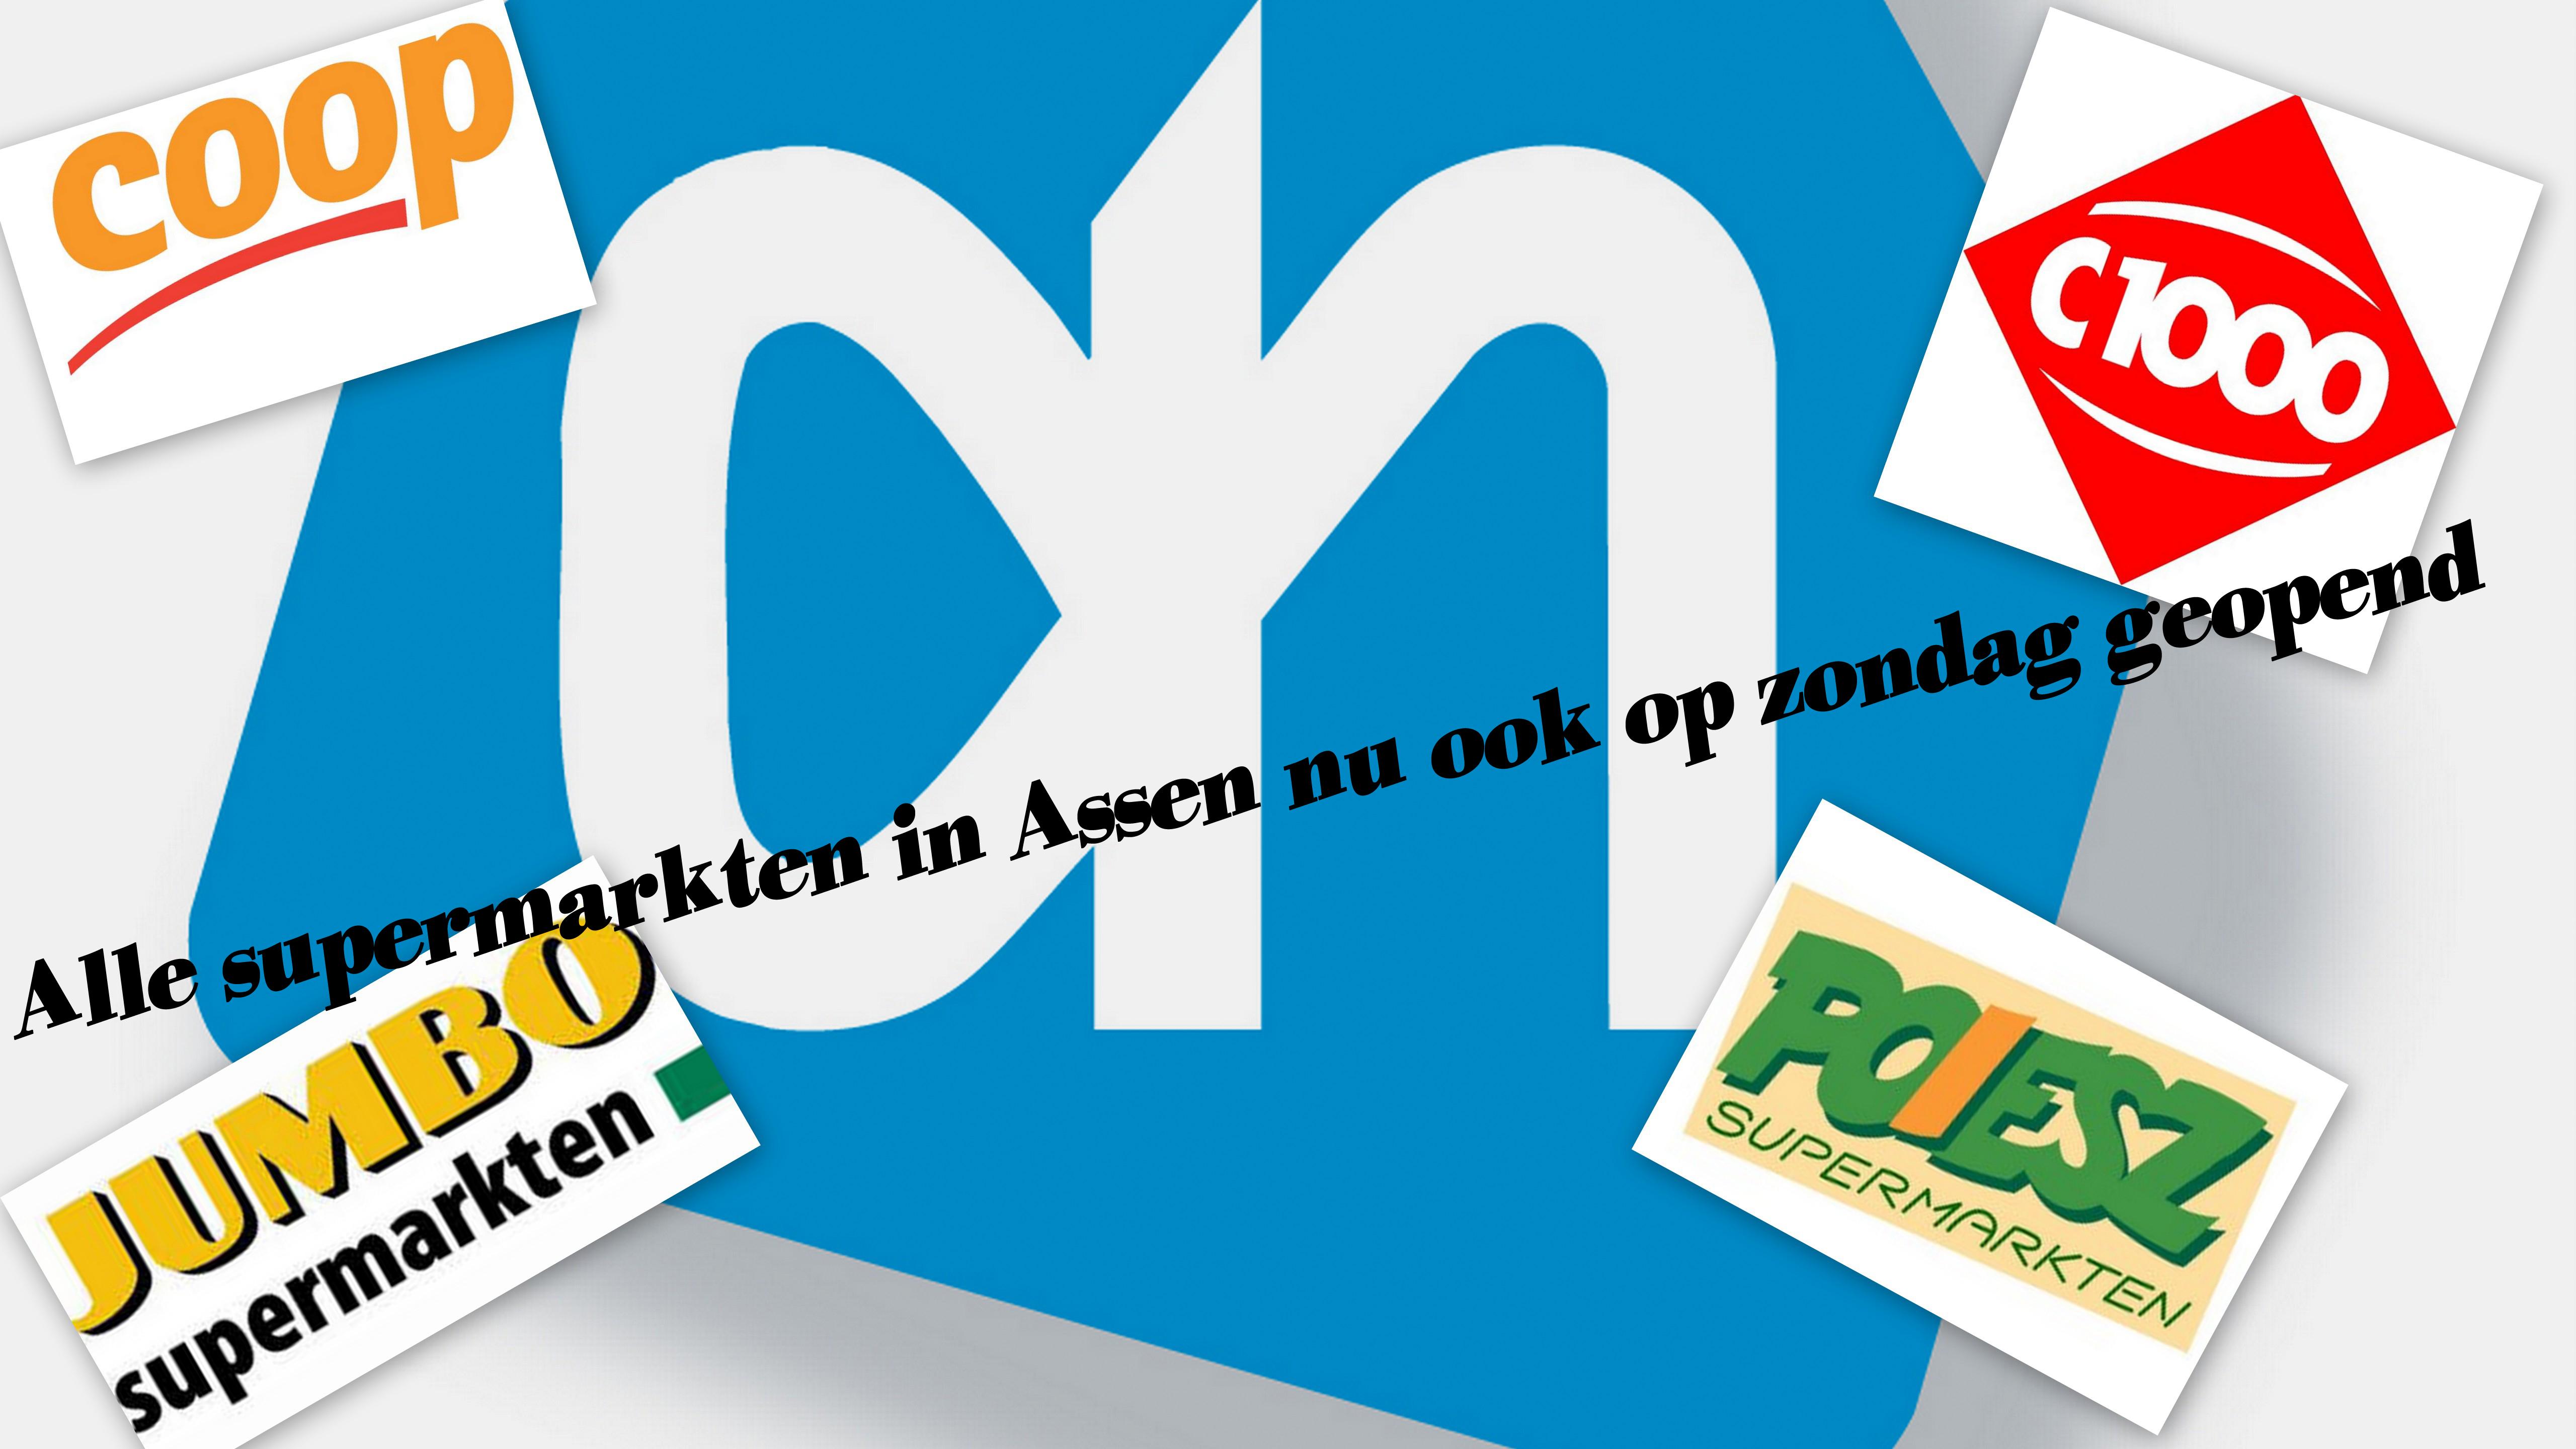 Alle supermarkten in Assen nu ook op zondag geopend